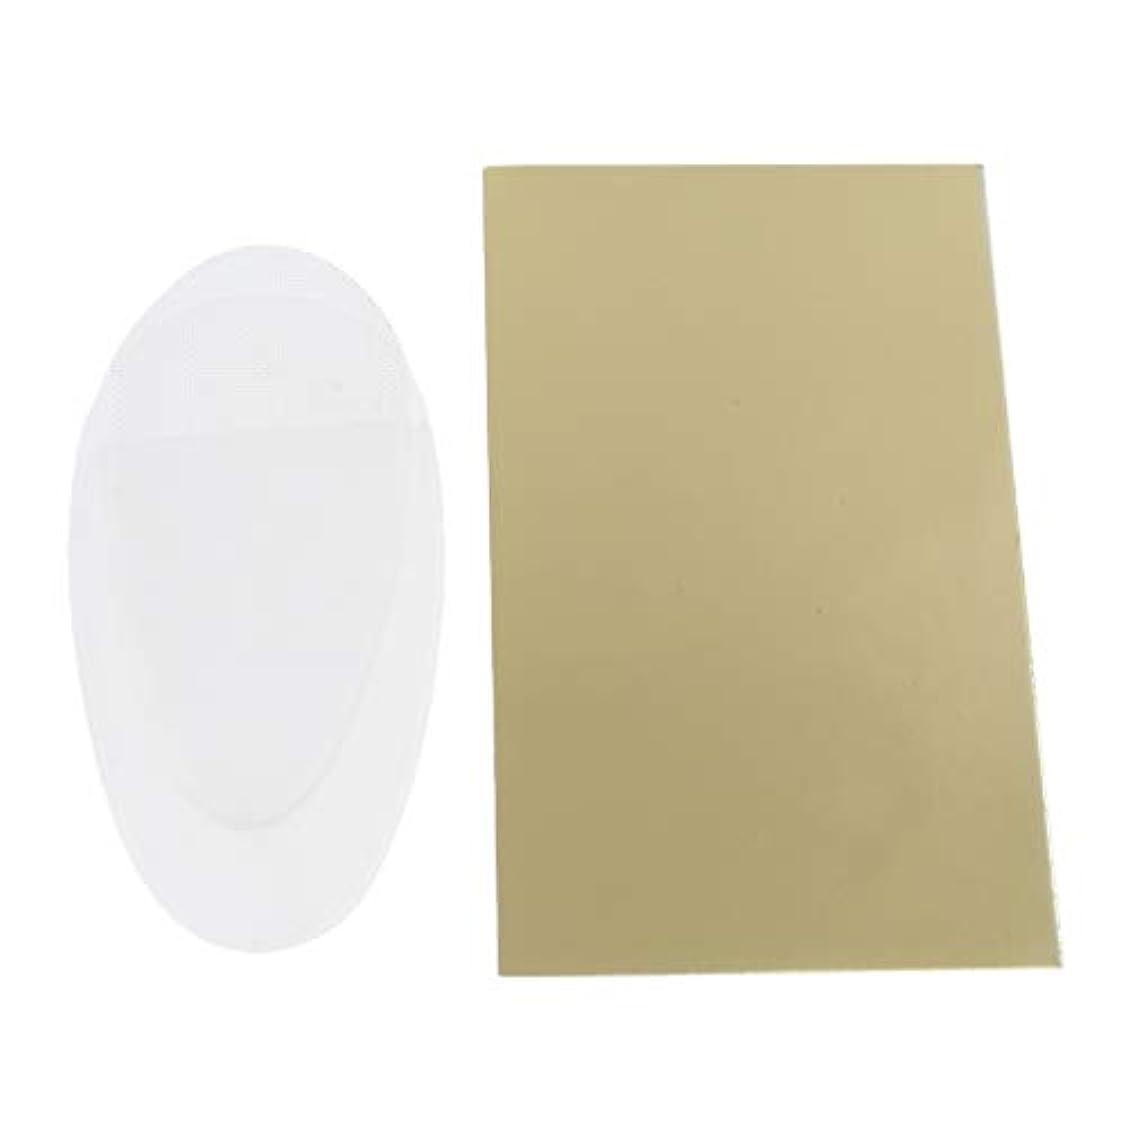 dailymall フットファイル かかと削り 角質除去 かかとやすり ガラス製 フットケア フット用品 つるつる